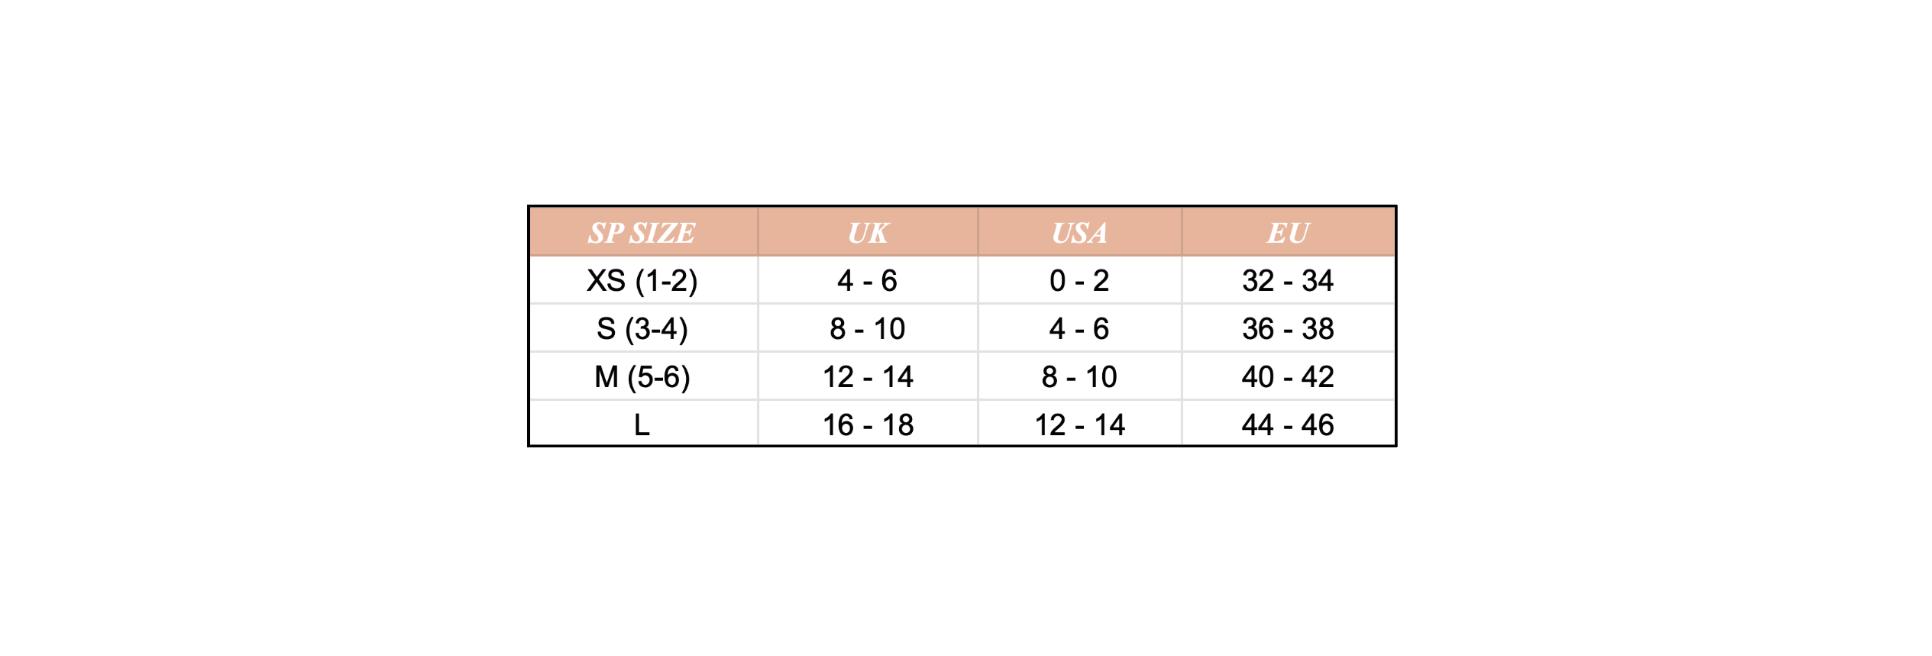 Таблица определения размеров трусов Studio Pia